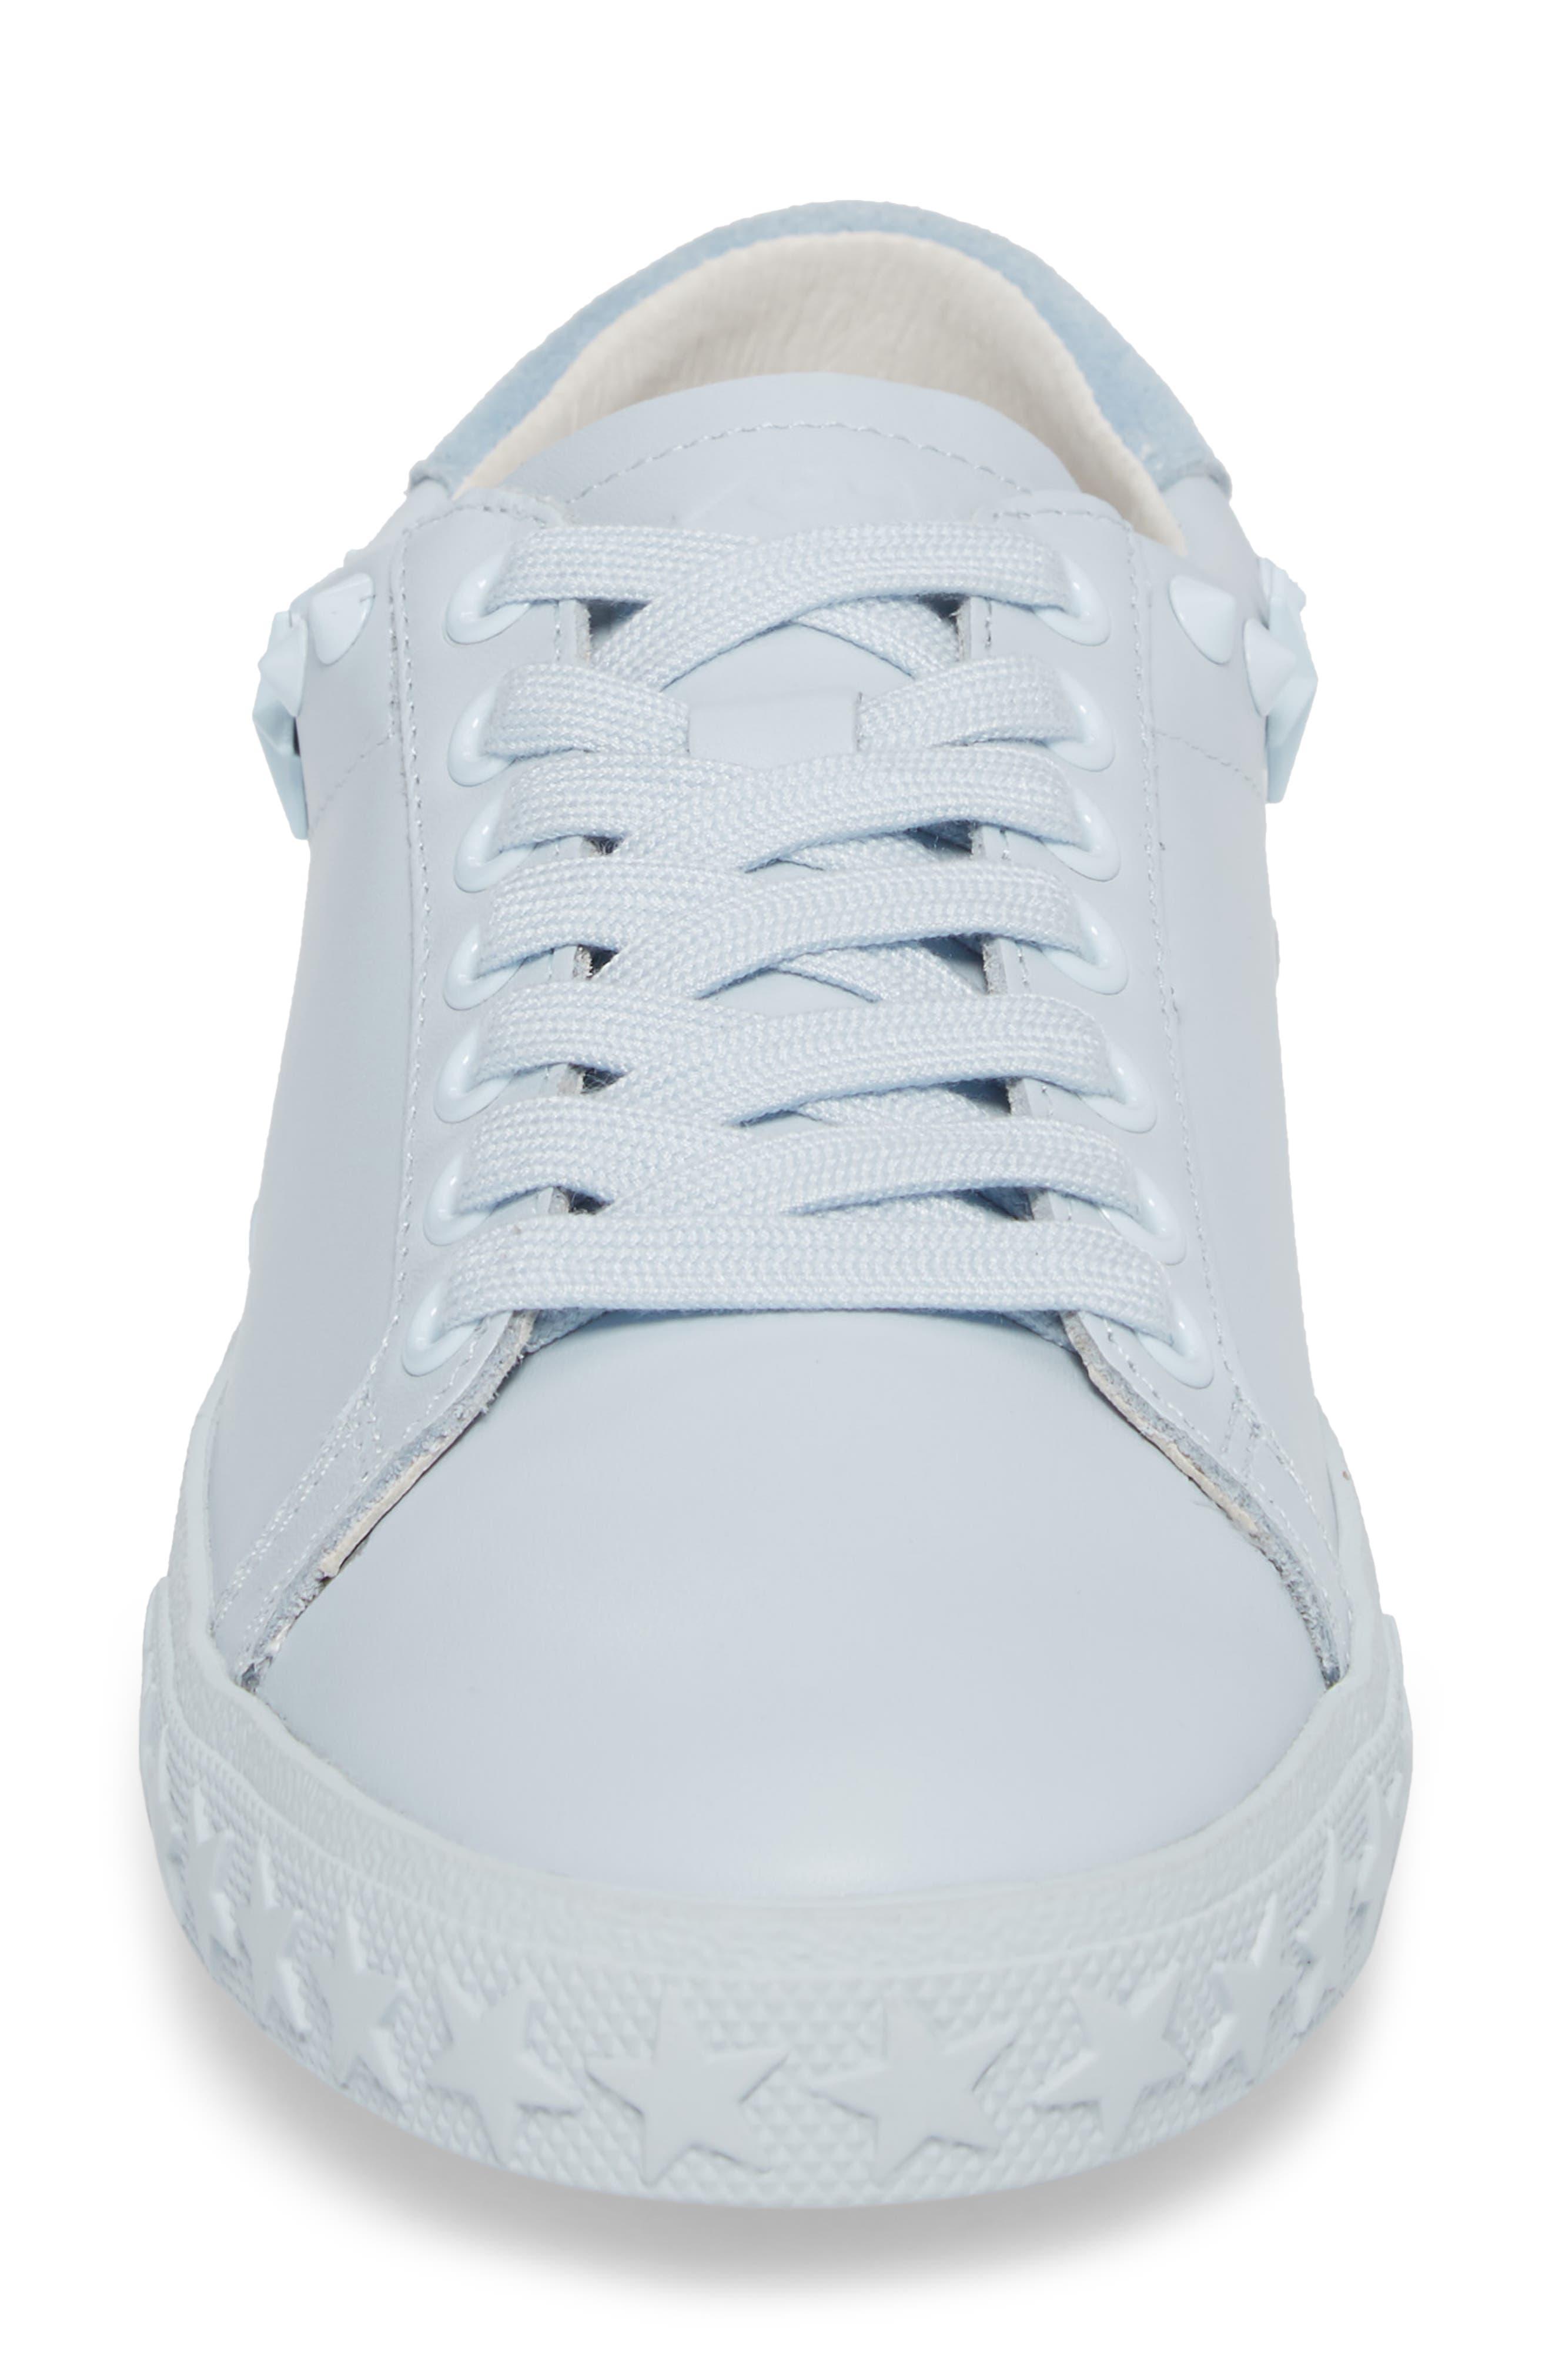 Dazed Sneaker,                             Alternate thumbnail 8, color,